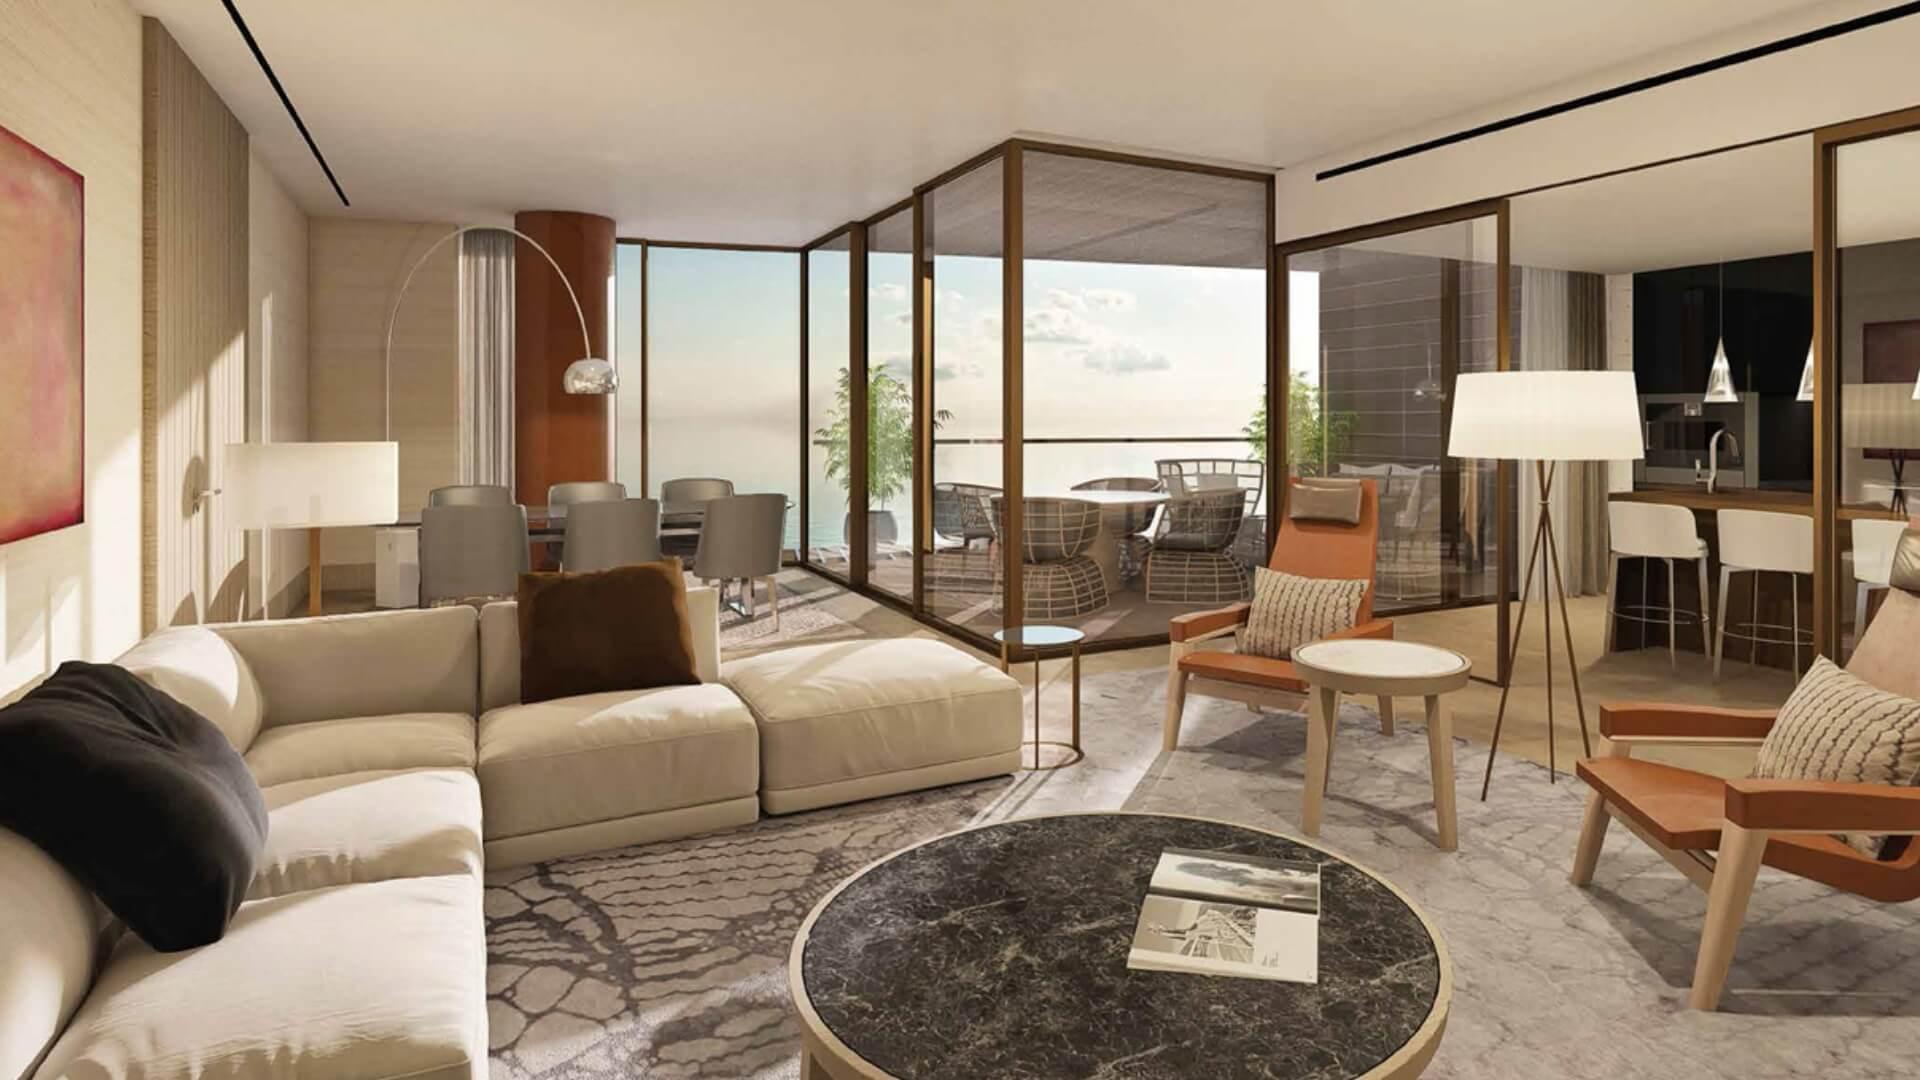 Apartamento en venta en Dubai, EAU, 4 dormitorios, 934 m2, № 24363 – foto 1